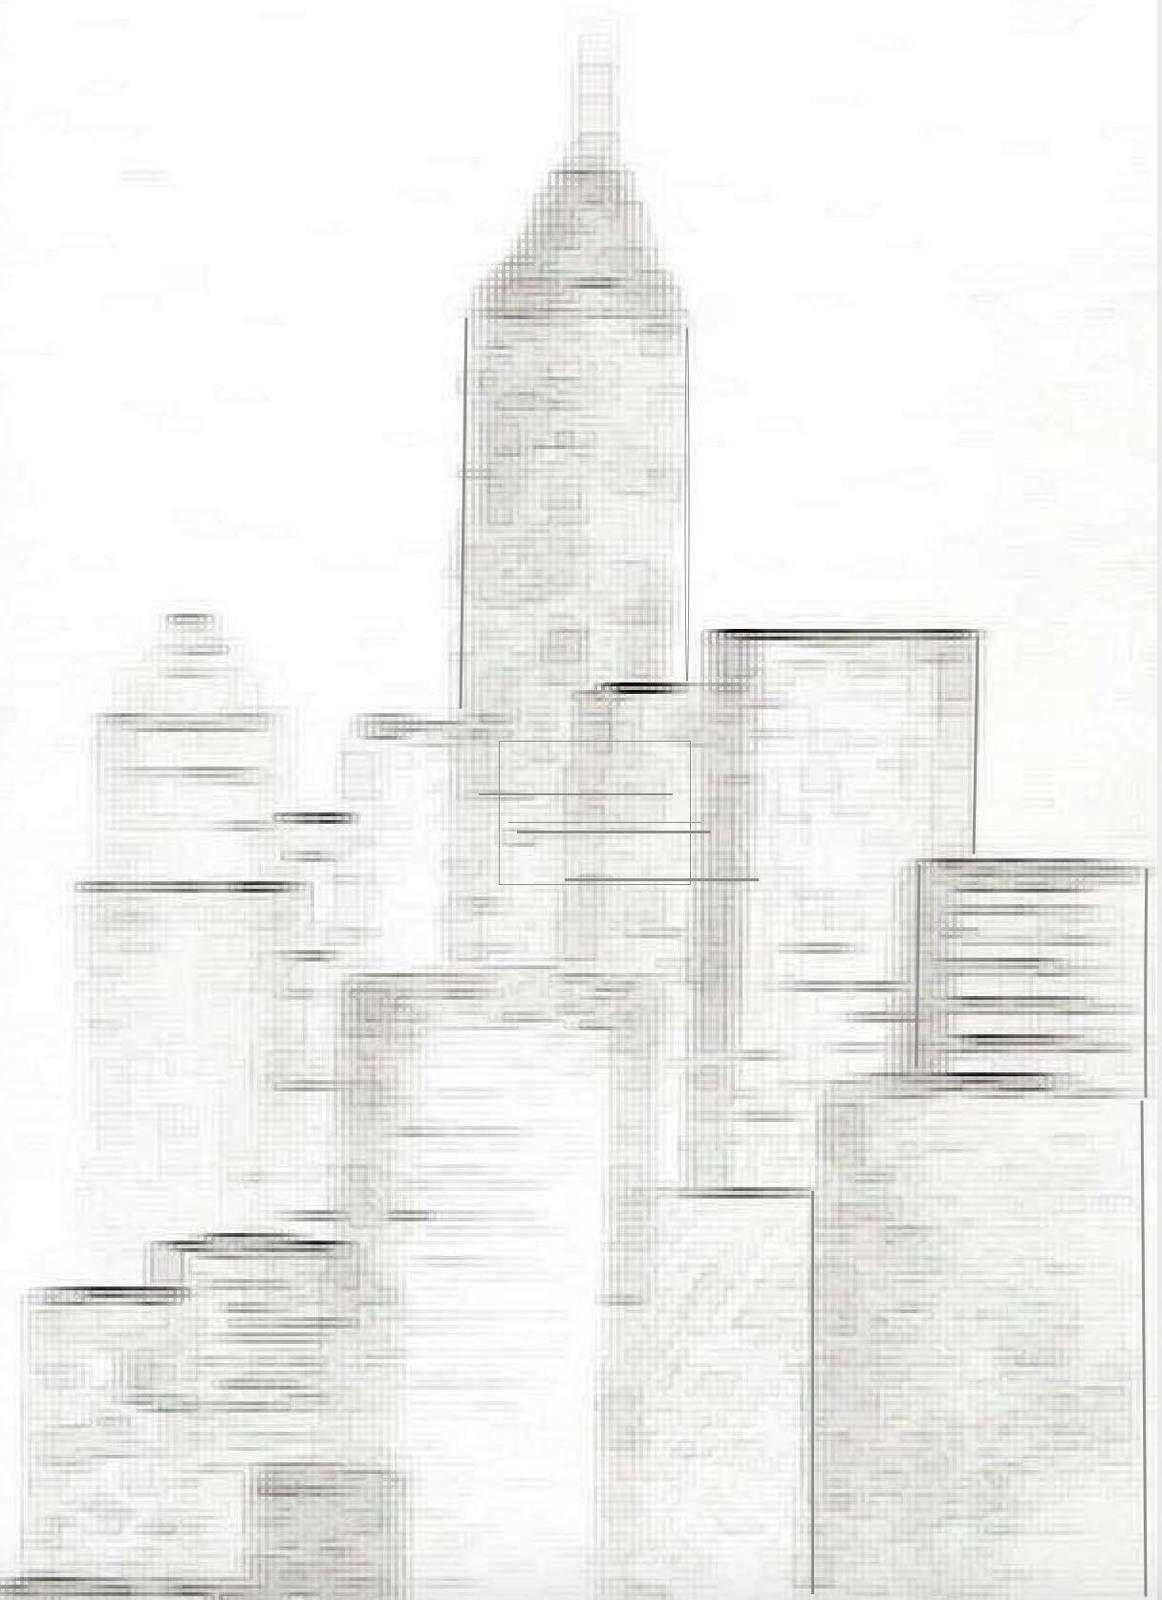 Galerie New-York en variations